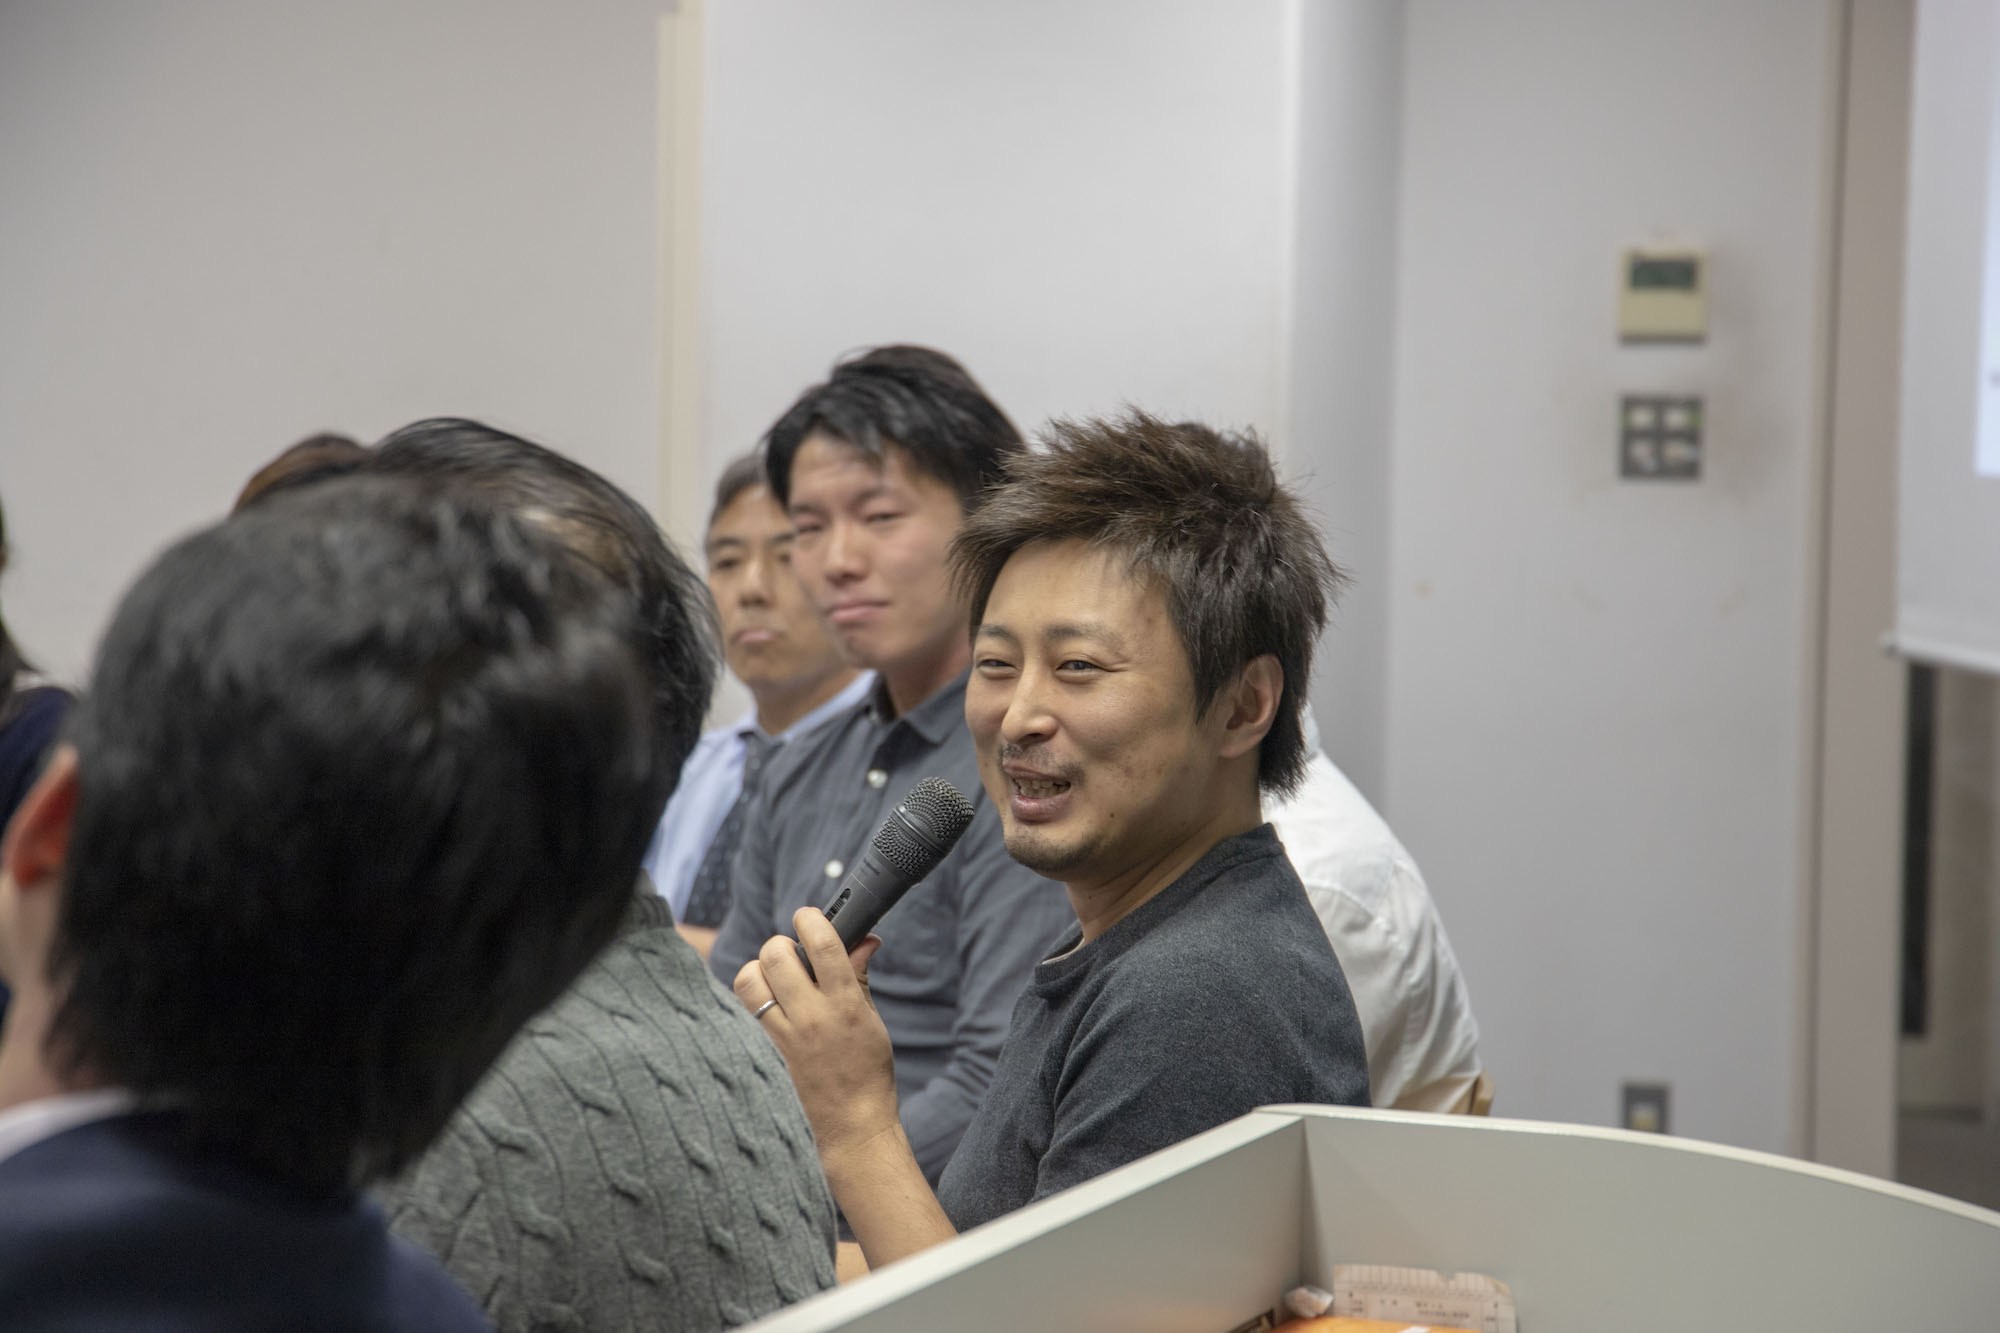 「共同幻想が必要だ」——Kaizen Platform CEO須藤憲司氏が語る「組織を強くする」マネジメント